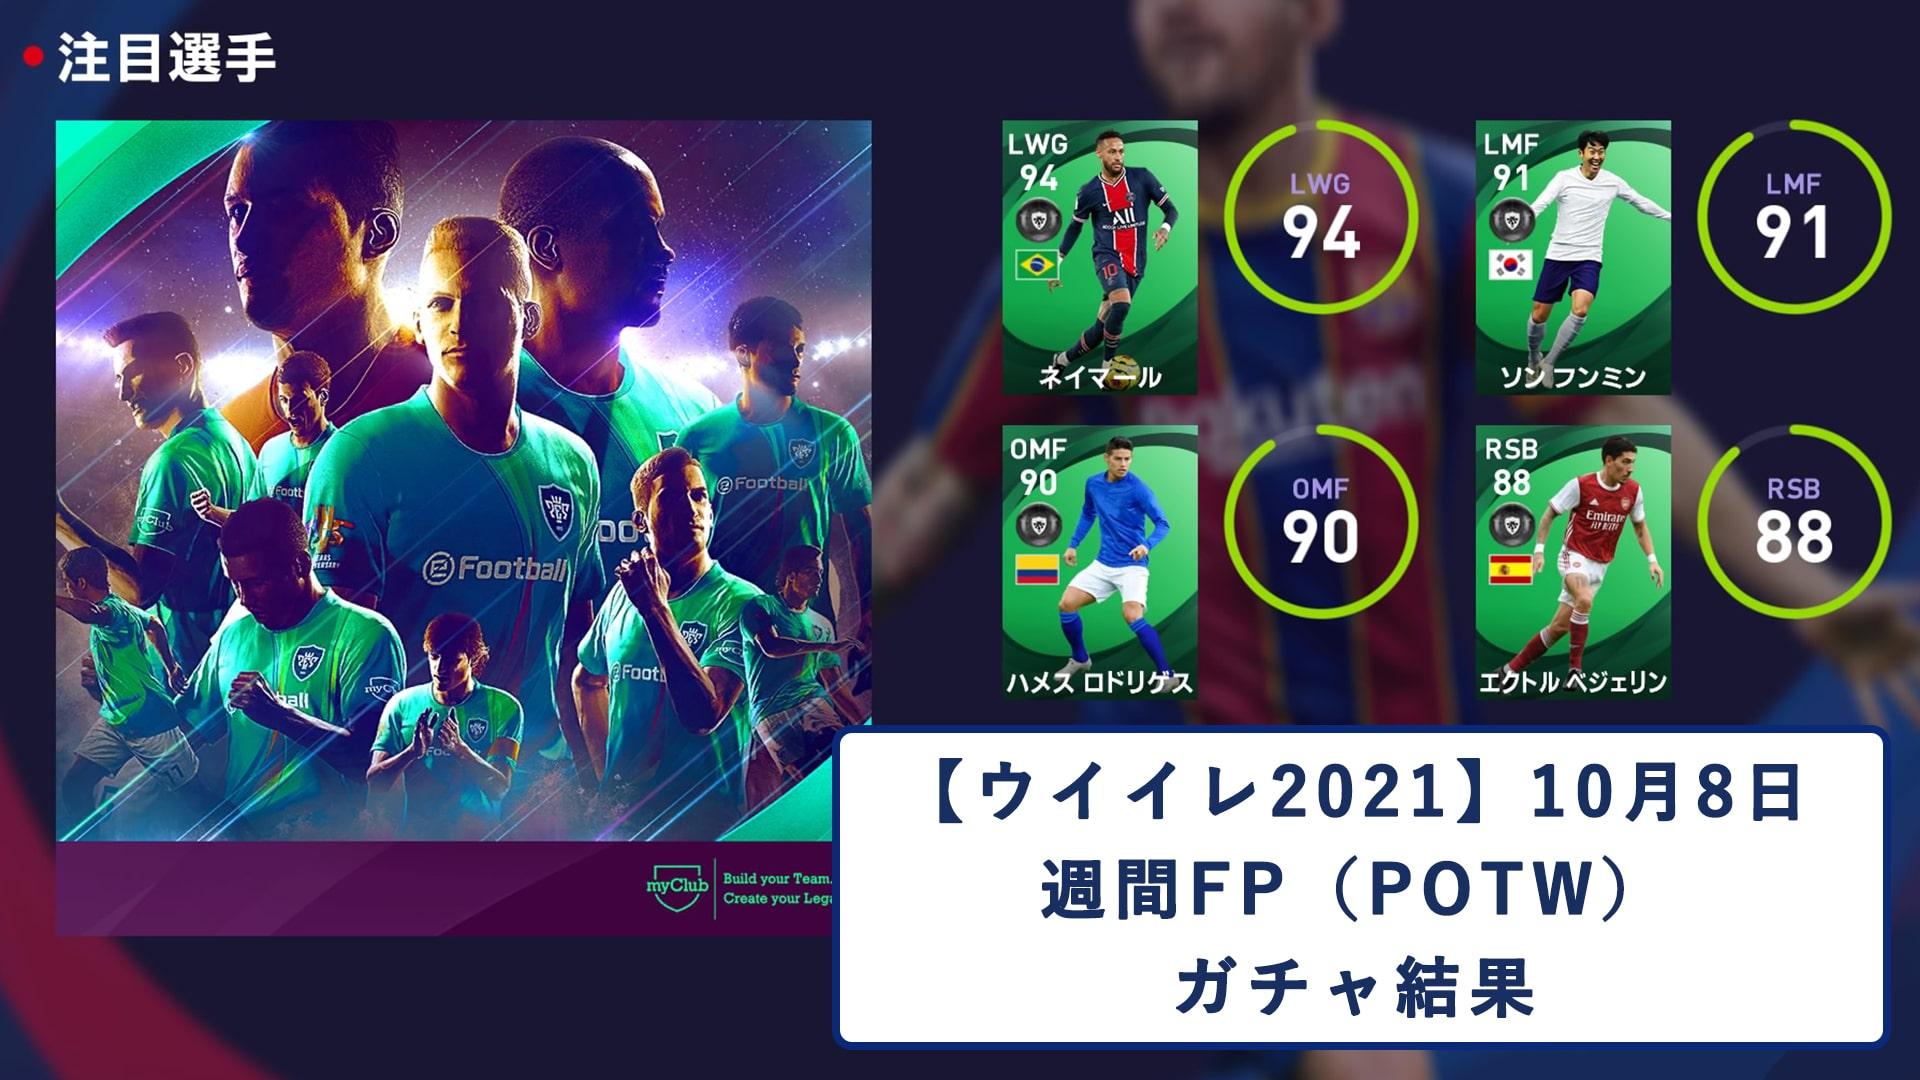 【ウイイレ2021】10/8 週間FP(POTW)ガチャ レジェンドスカウトも・・